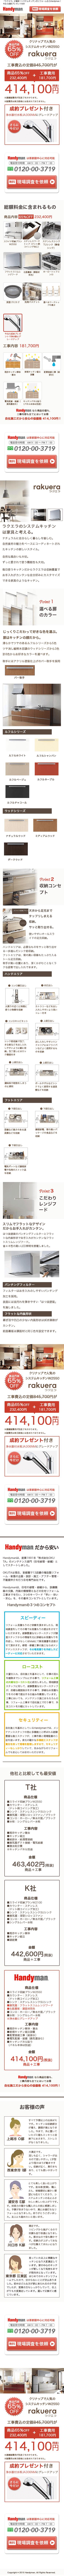 システムキッチン「handyman」販売集客用スマートフォンLPの制作